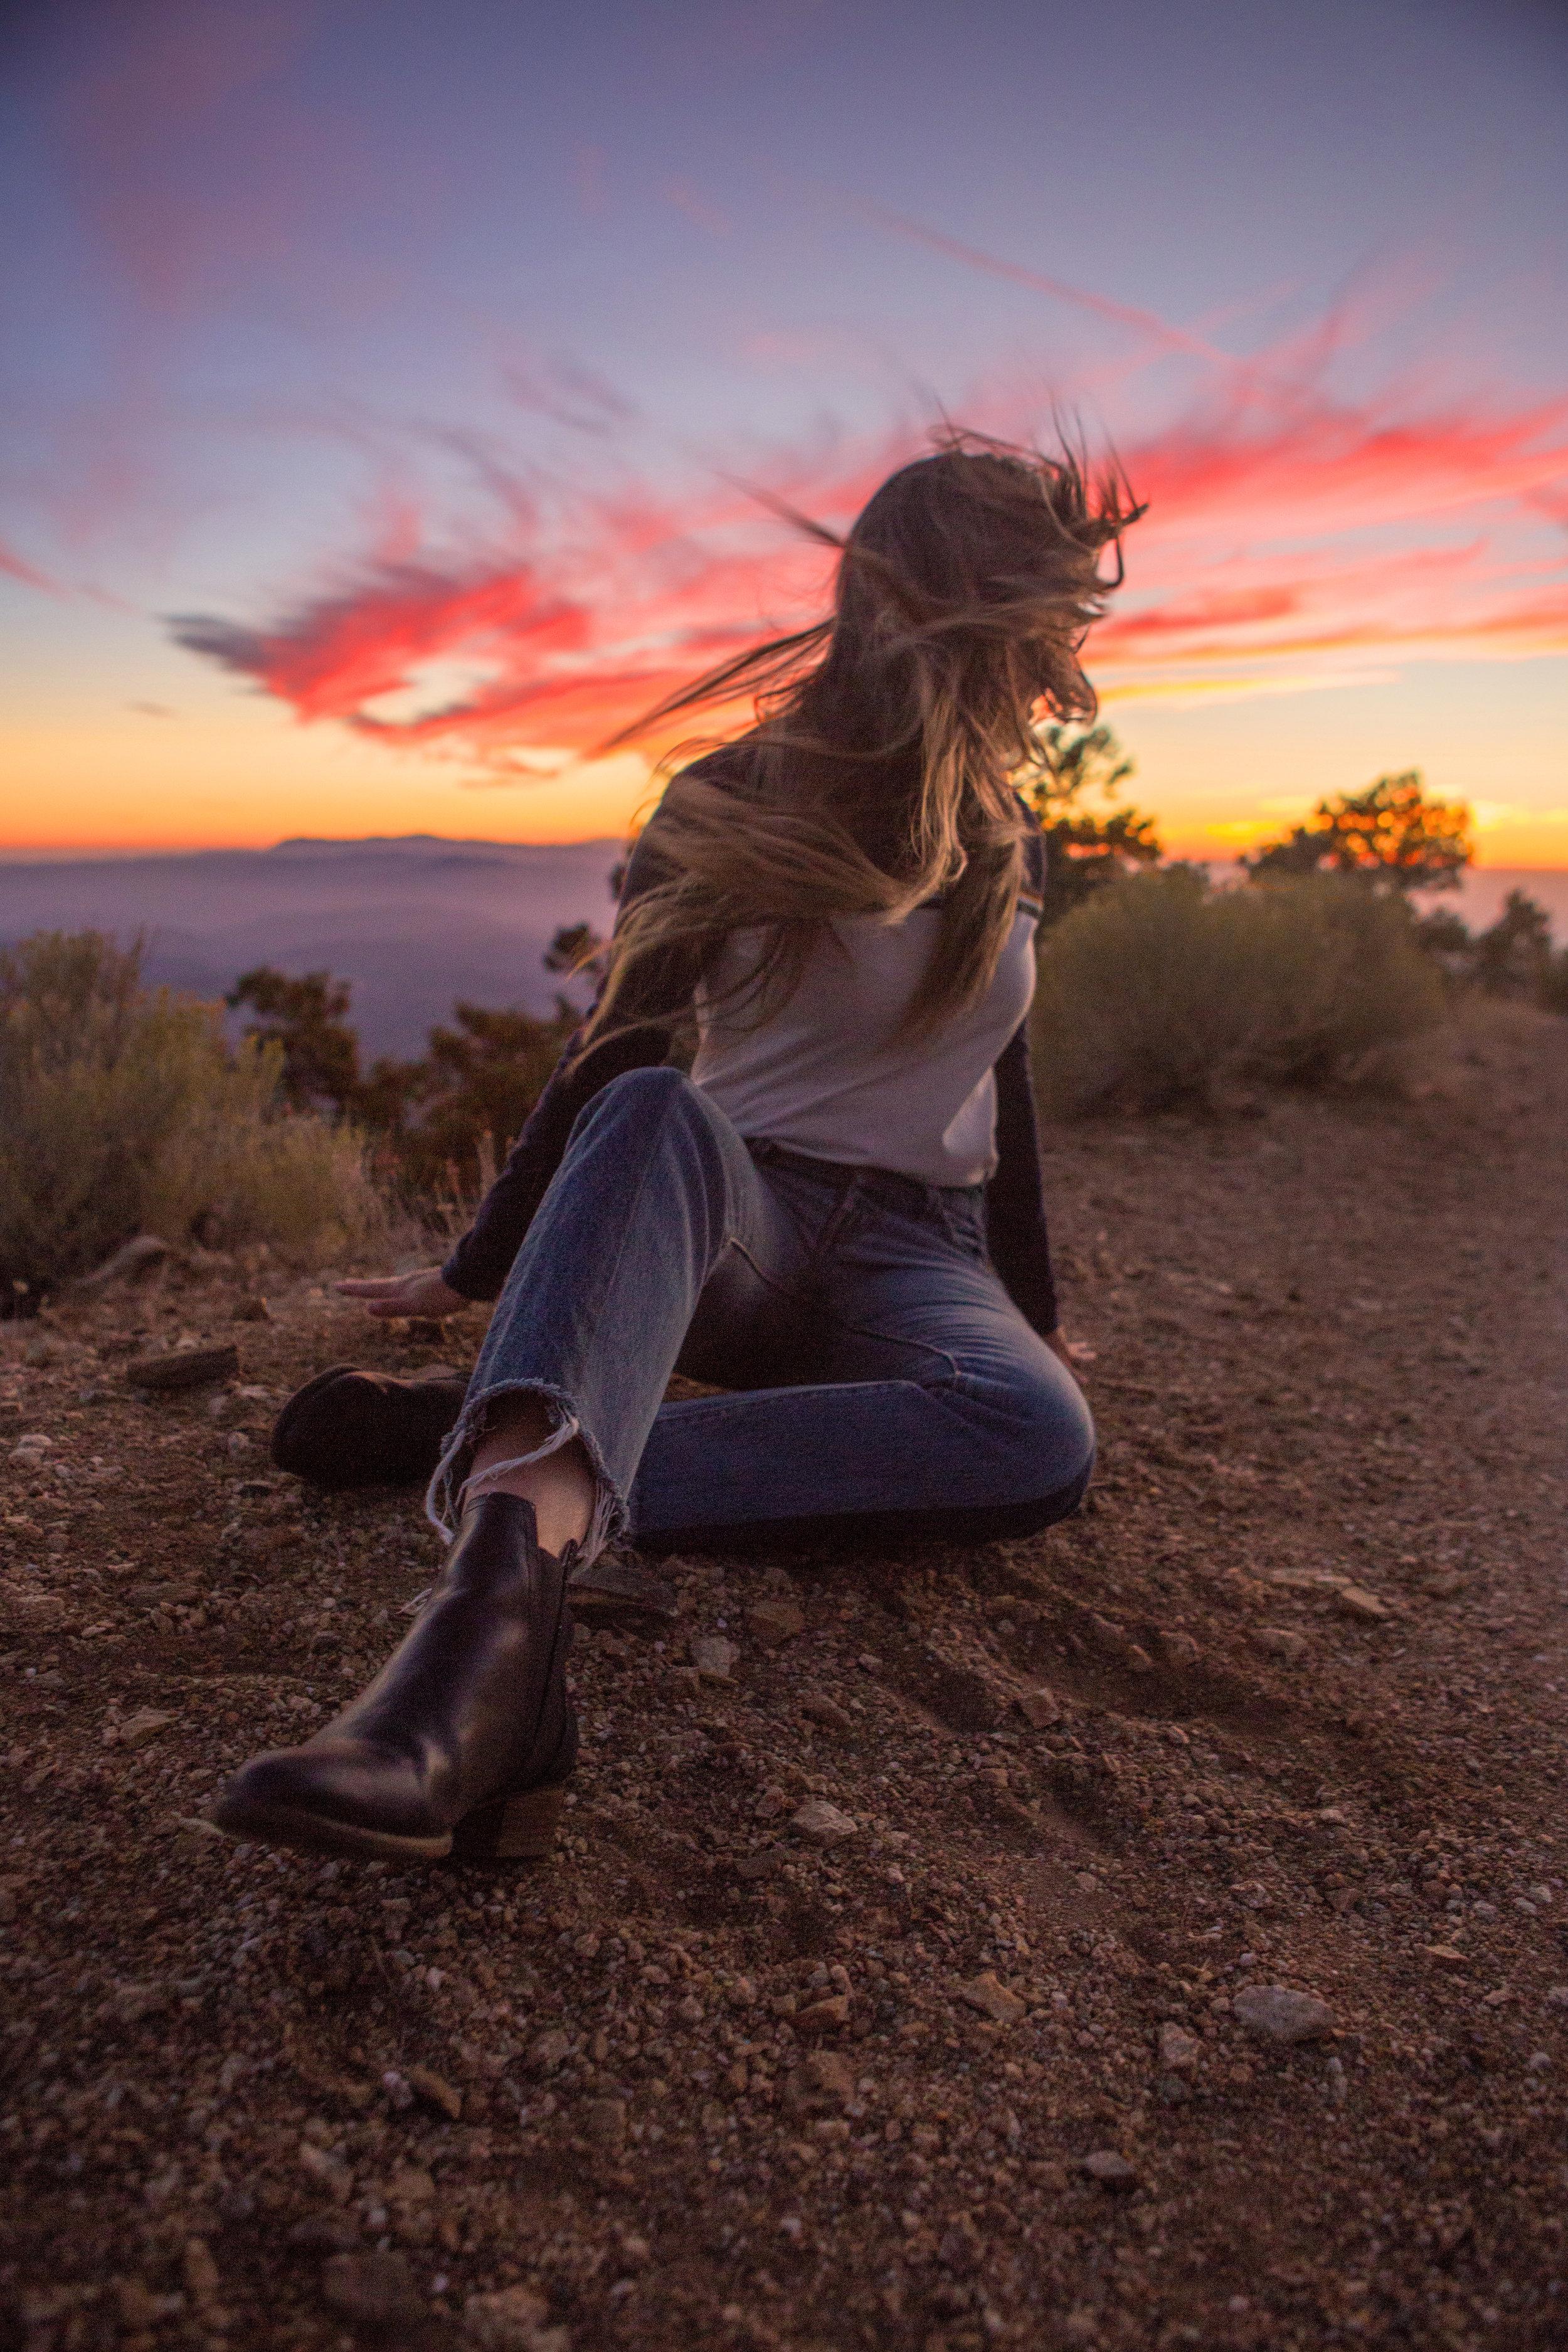 AstroBandit_JordanRose_Revere_Sunset_Bike_Ride_California_Mountains_4.jpg